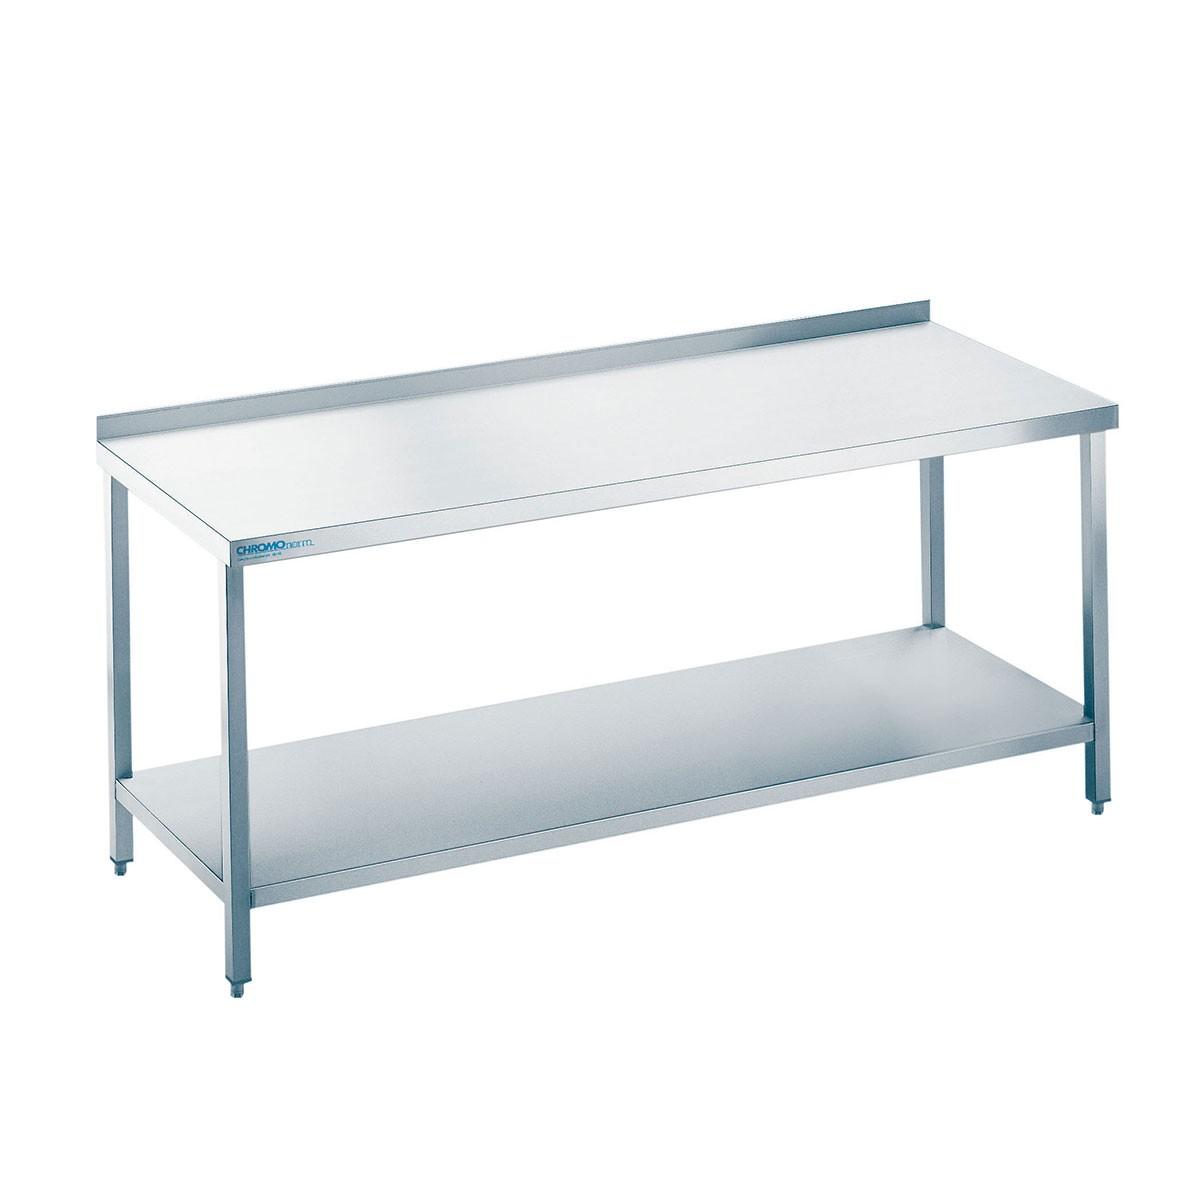 Edelstahl Arbeitstisch mit Zwischenboden Chromonorm 700mm x 1000mm TZ0710C0000